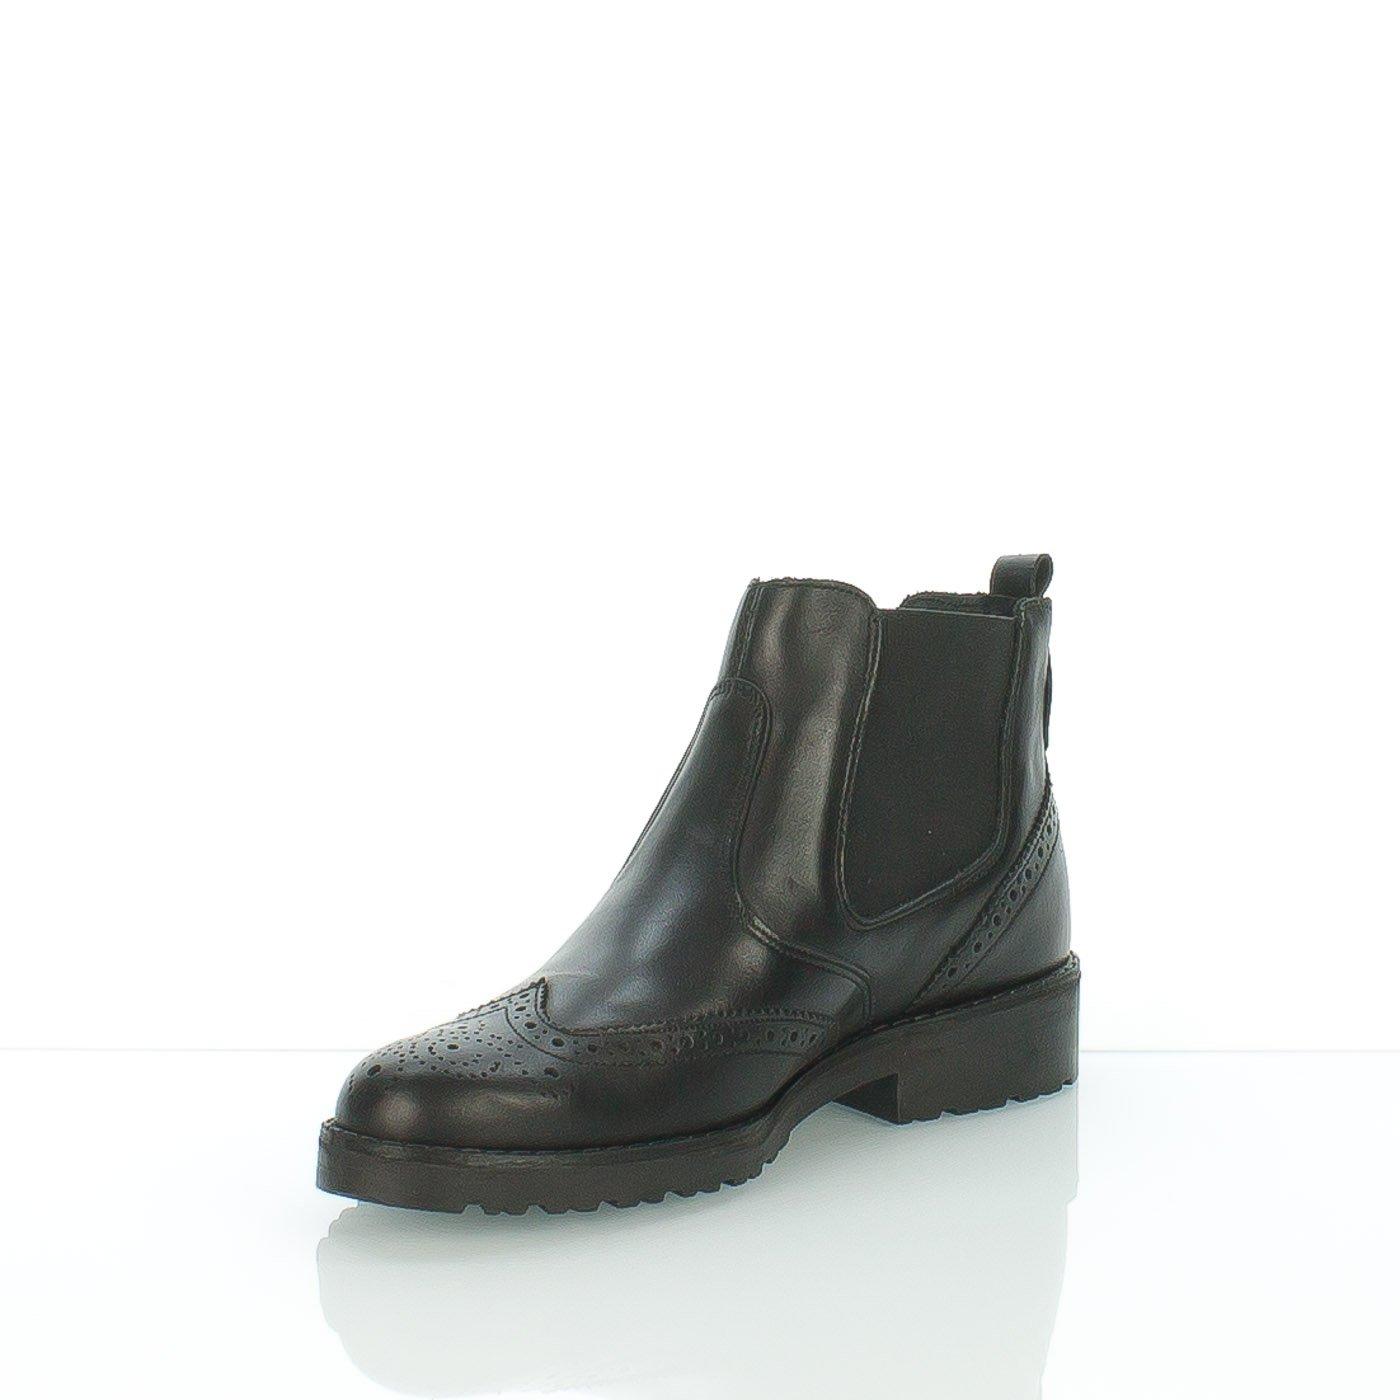 IGI&Co, Damen Stiefel Stiefel Stiefel & Stiefeletten Schwarz schwarz b39eee